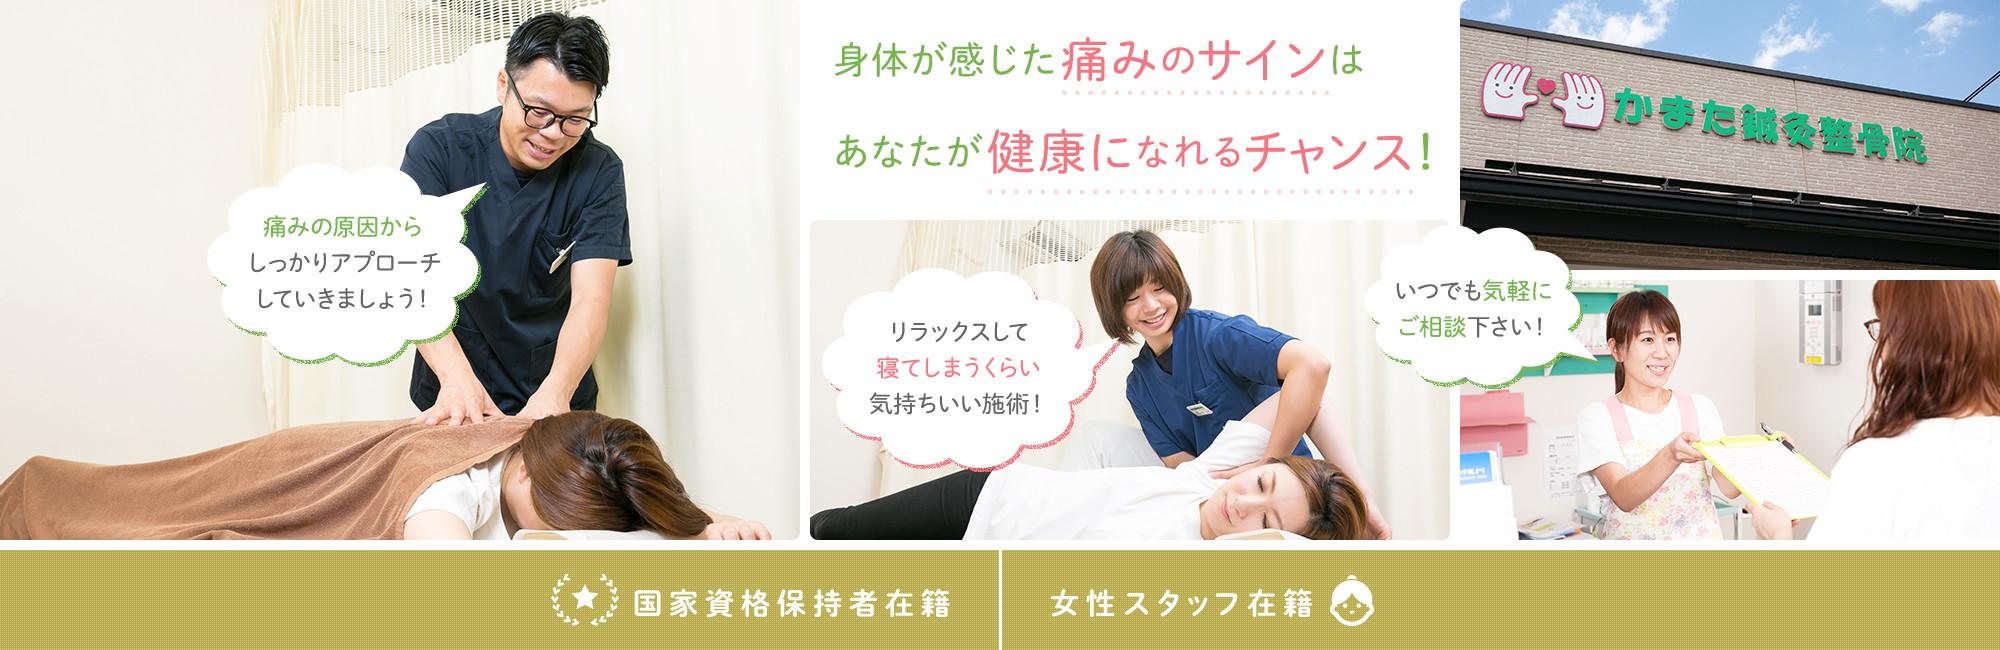 身体が感じた痛みのサインはあなたが健康になれるチャンス! 国家資格保持者在籍女性スタッフ在籍